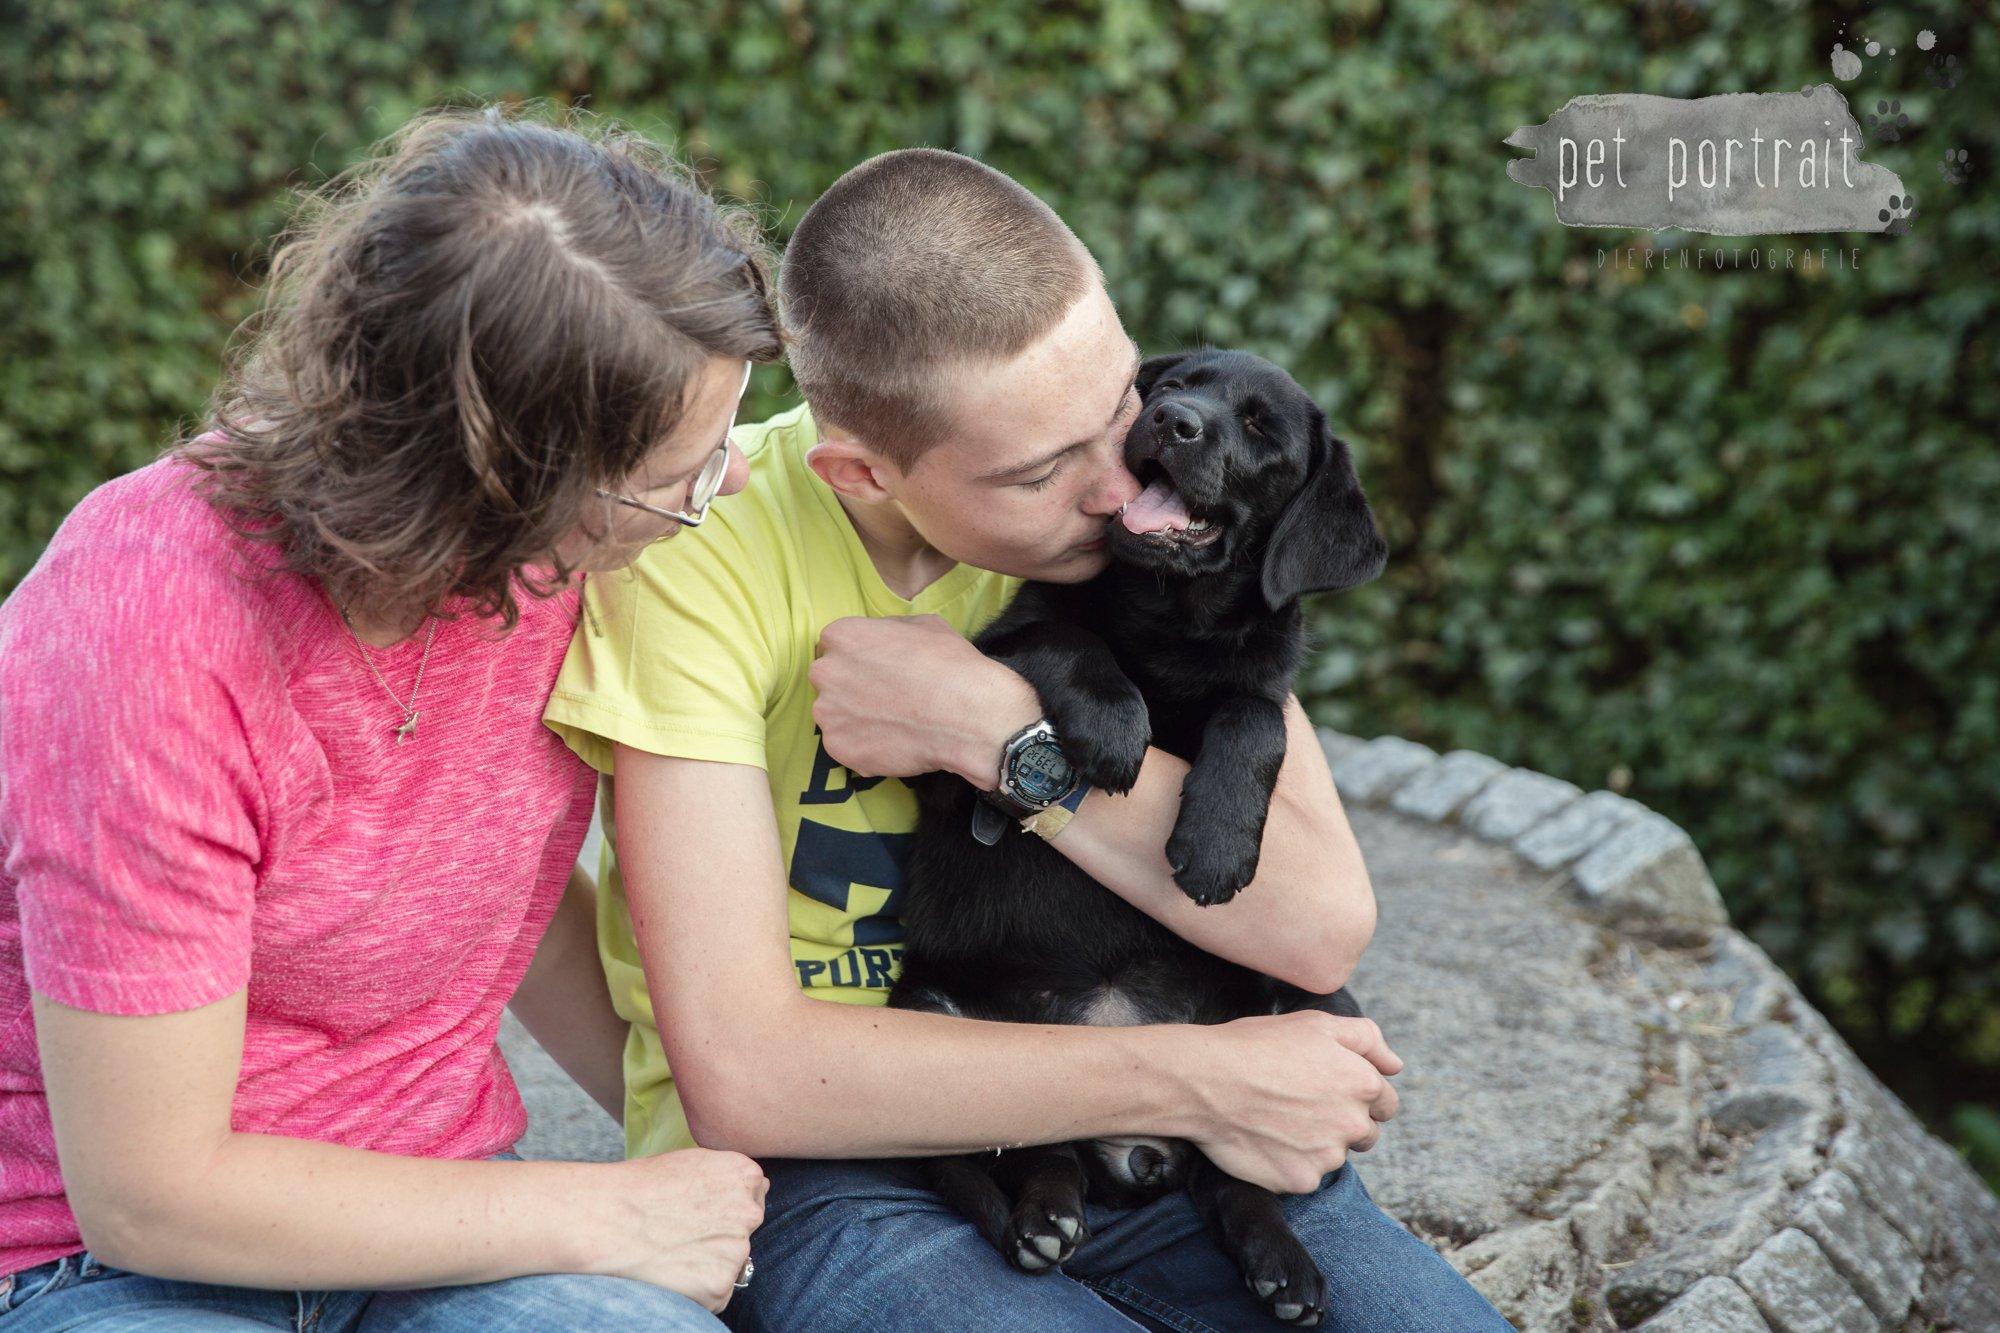 hondenfotograaf-den-haag-labrador-pup-in-het-park-11